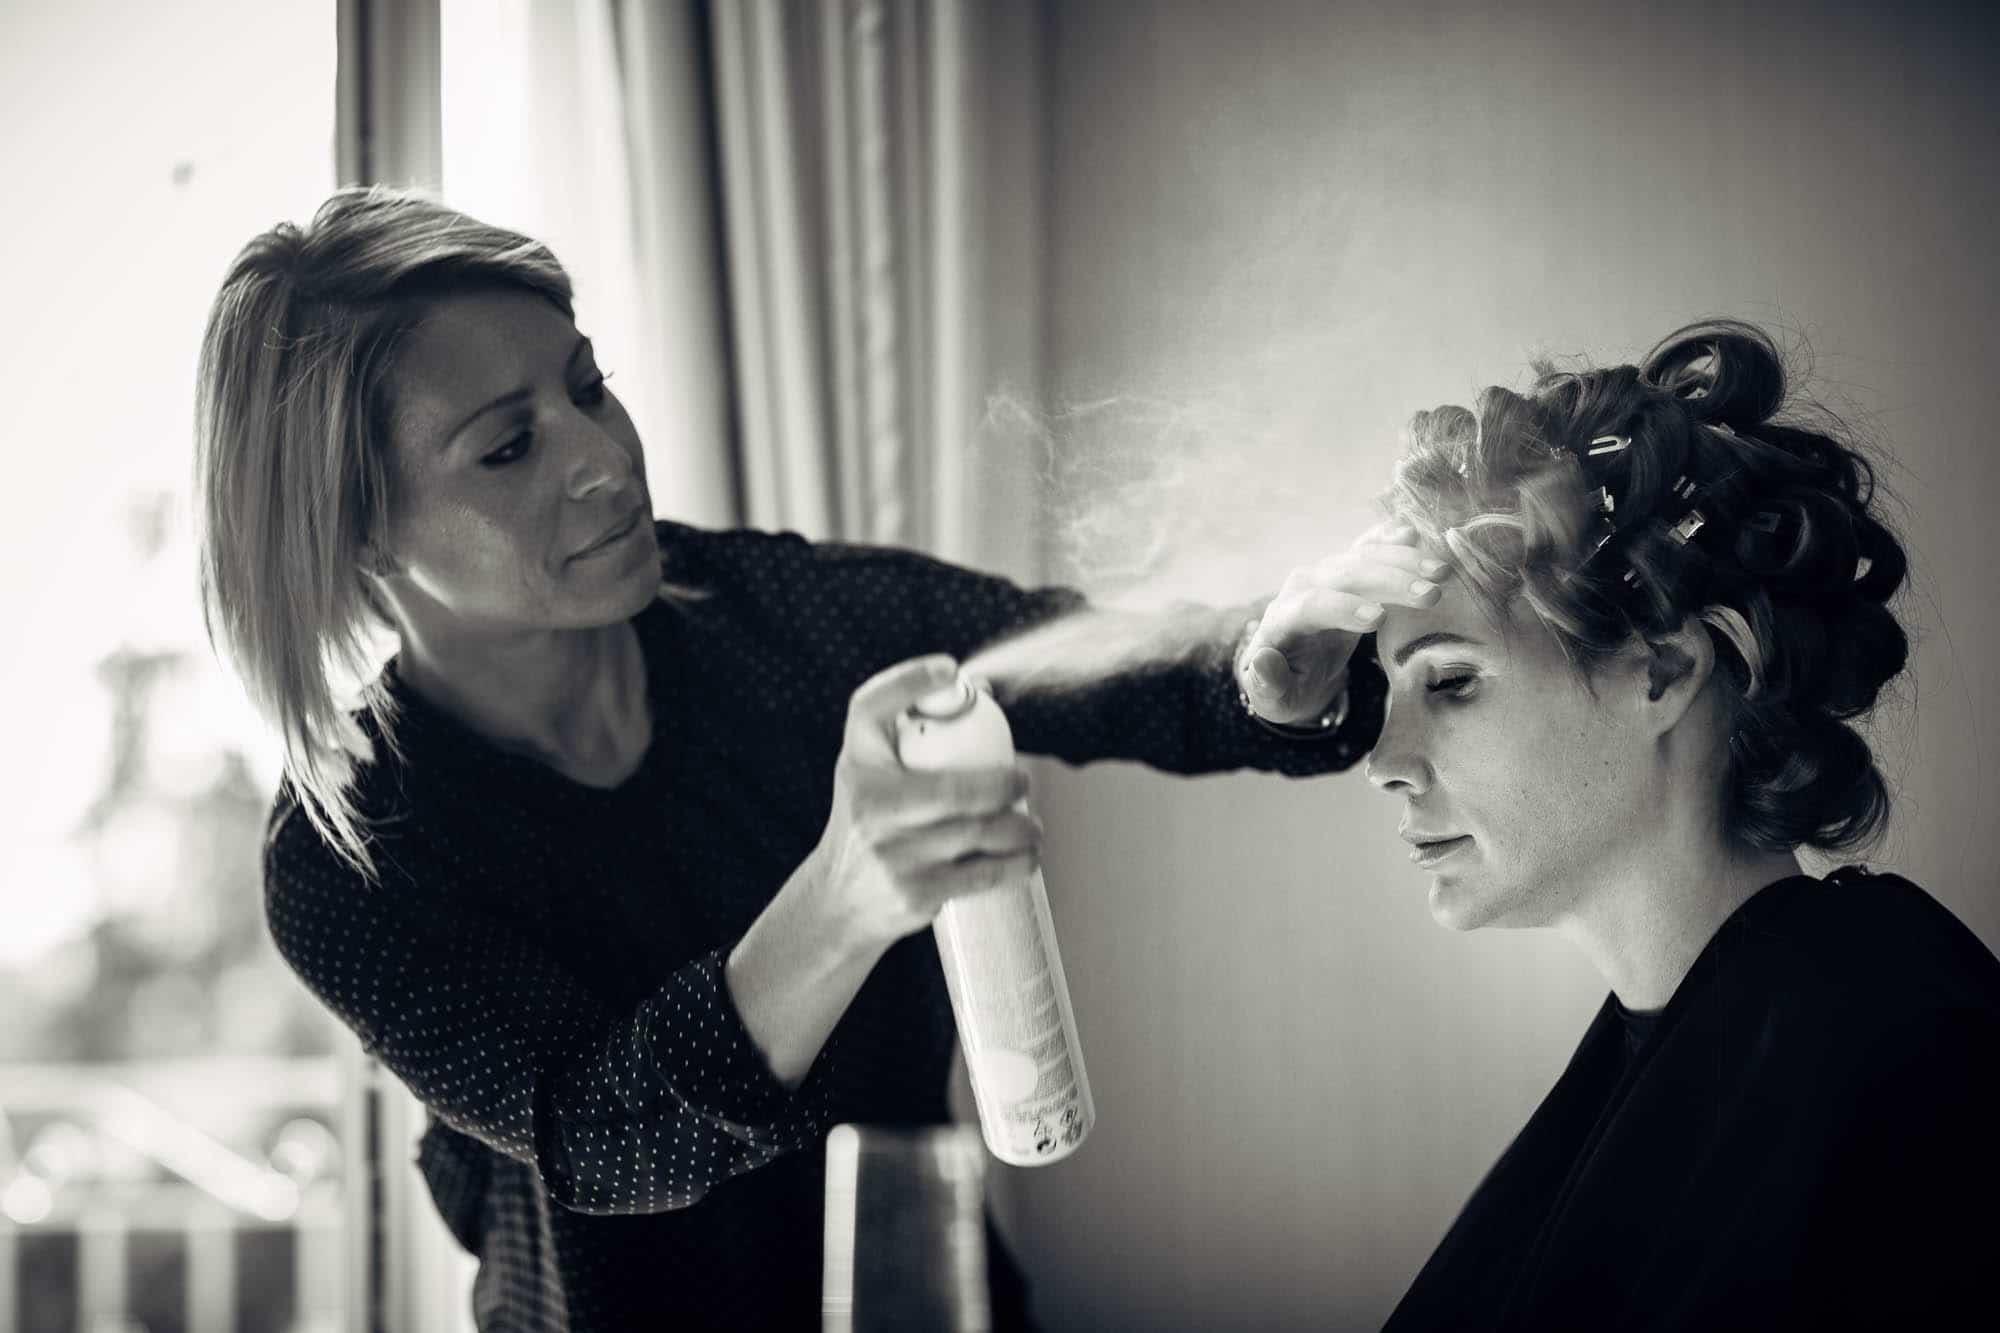 Wird wird mit Haarspray eingenebelt